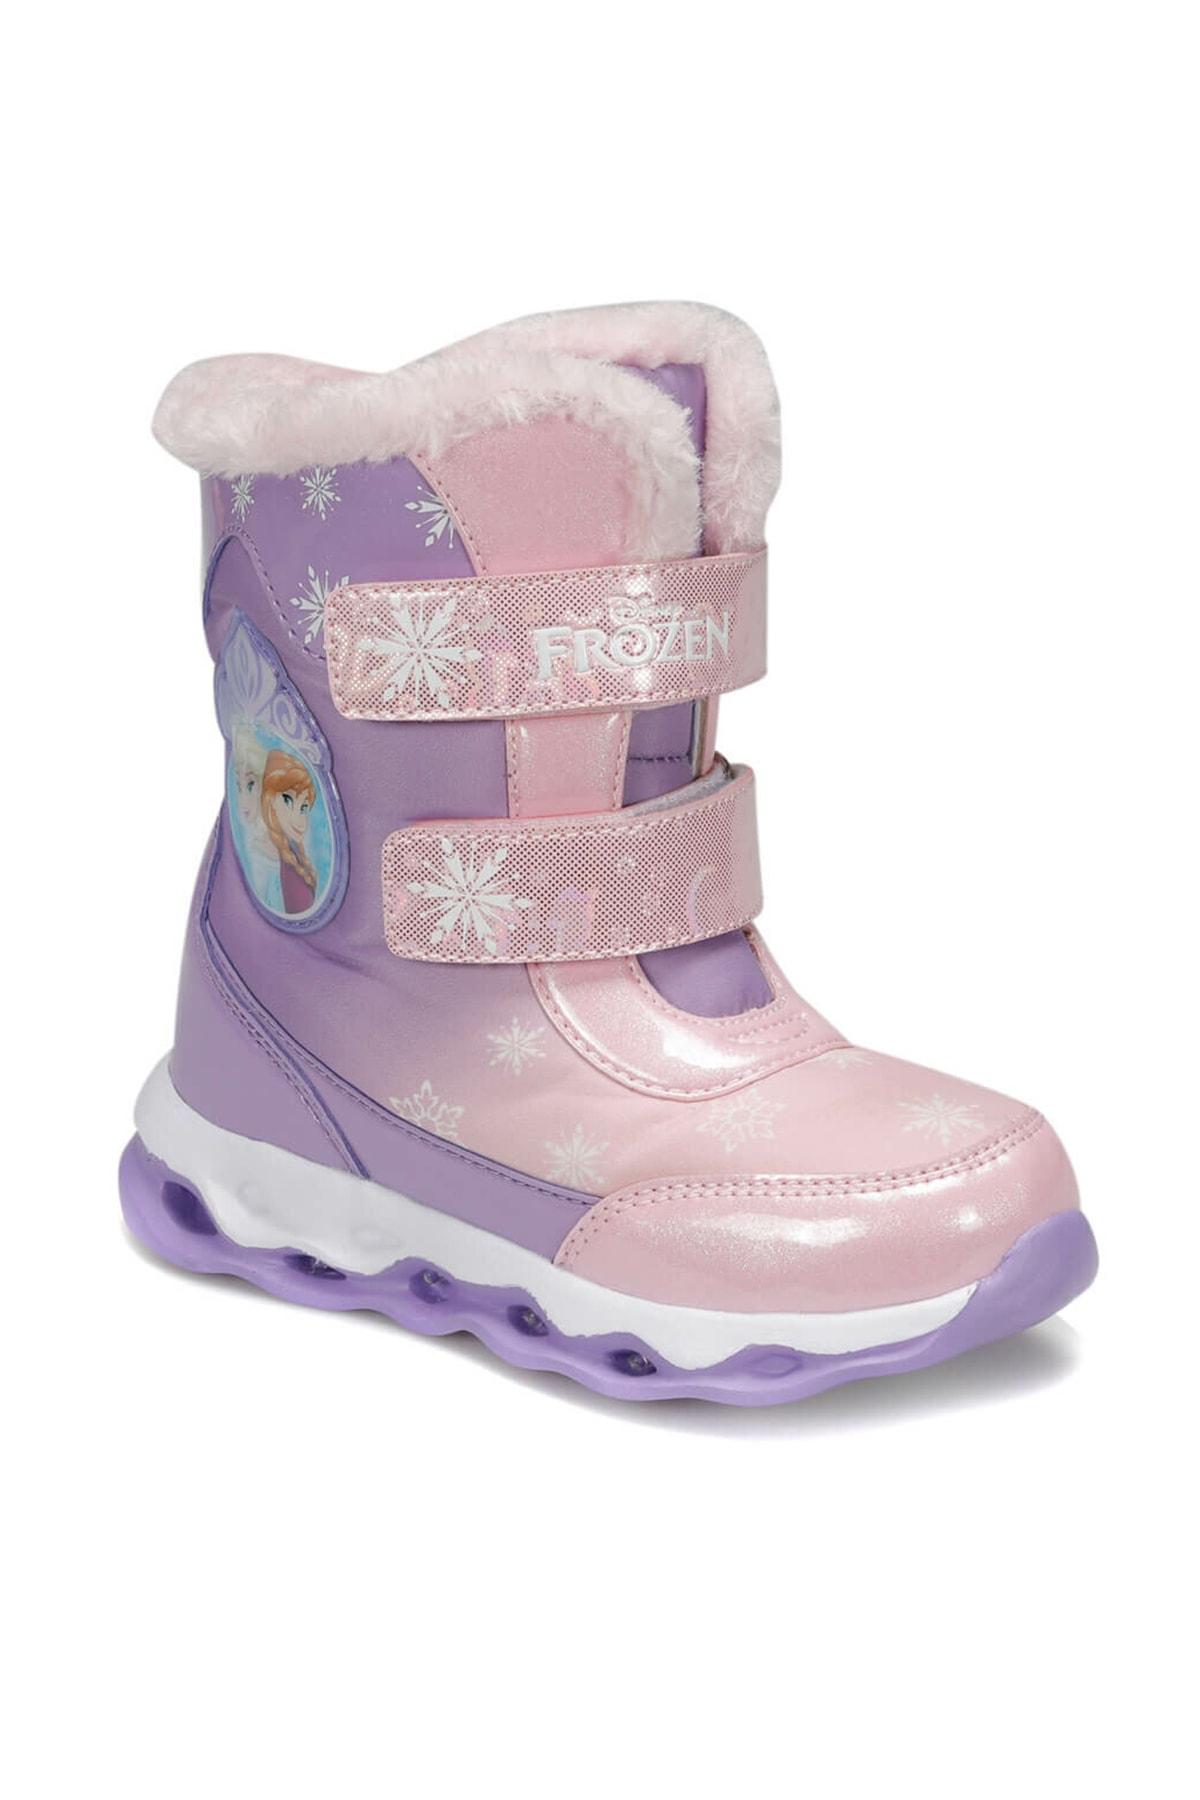 Frozen 92.OLY.P Mor Kız Çocuk Kar Botu 100406178 0